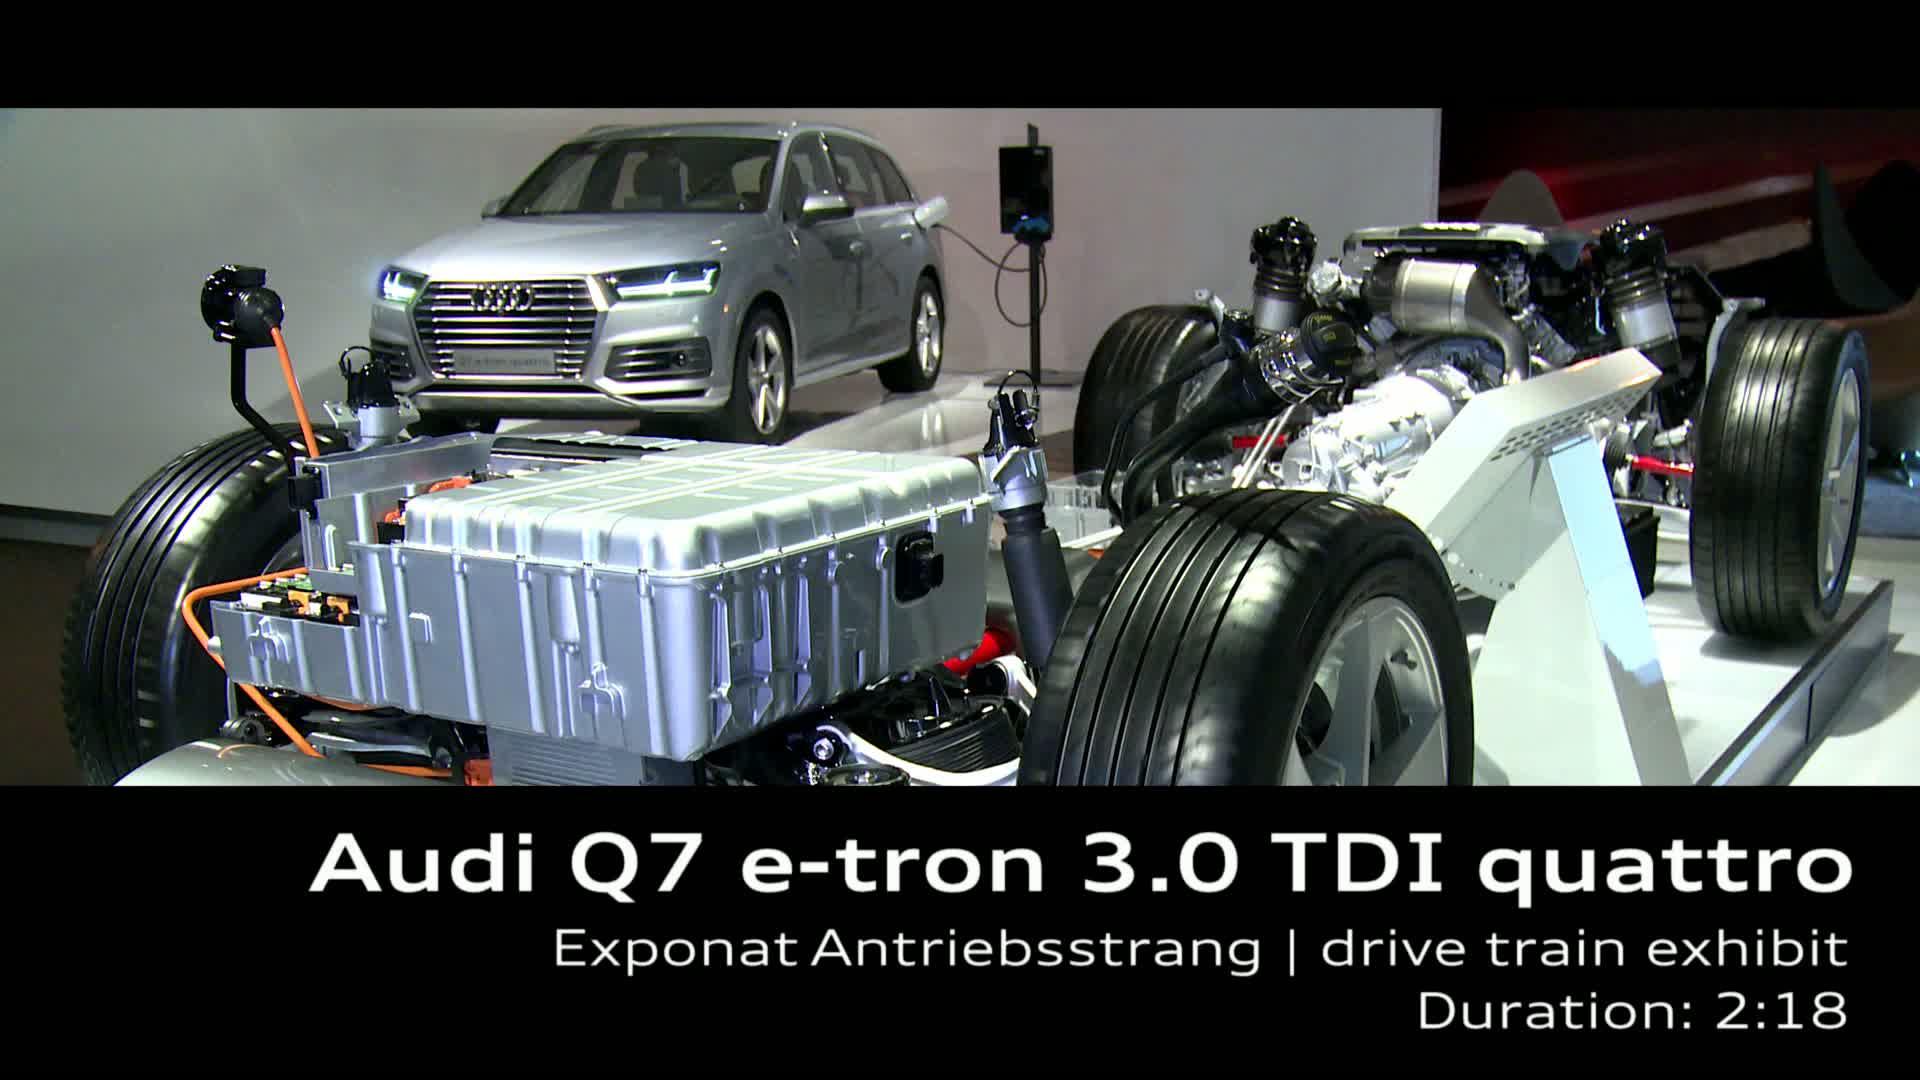 Audi Q7 e-tron 3.0 TDI quattro - Exponat